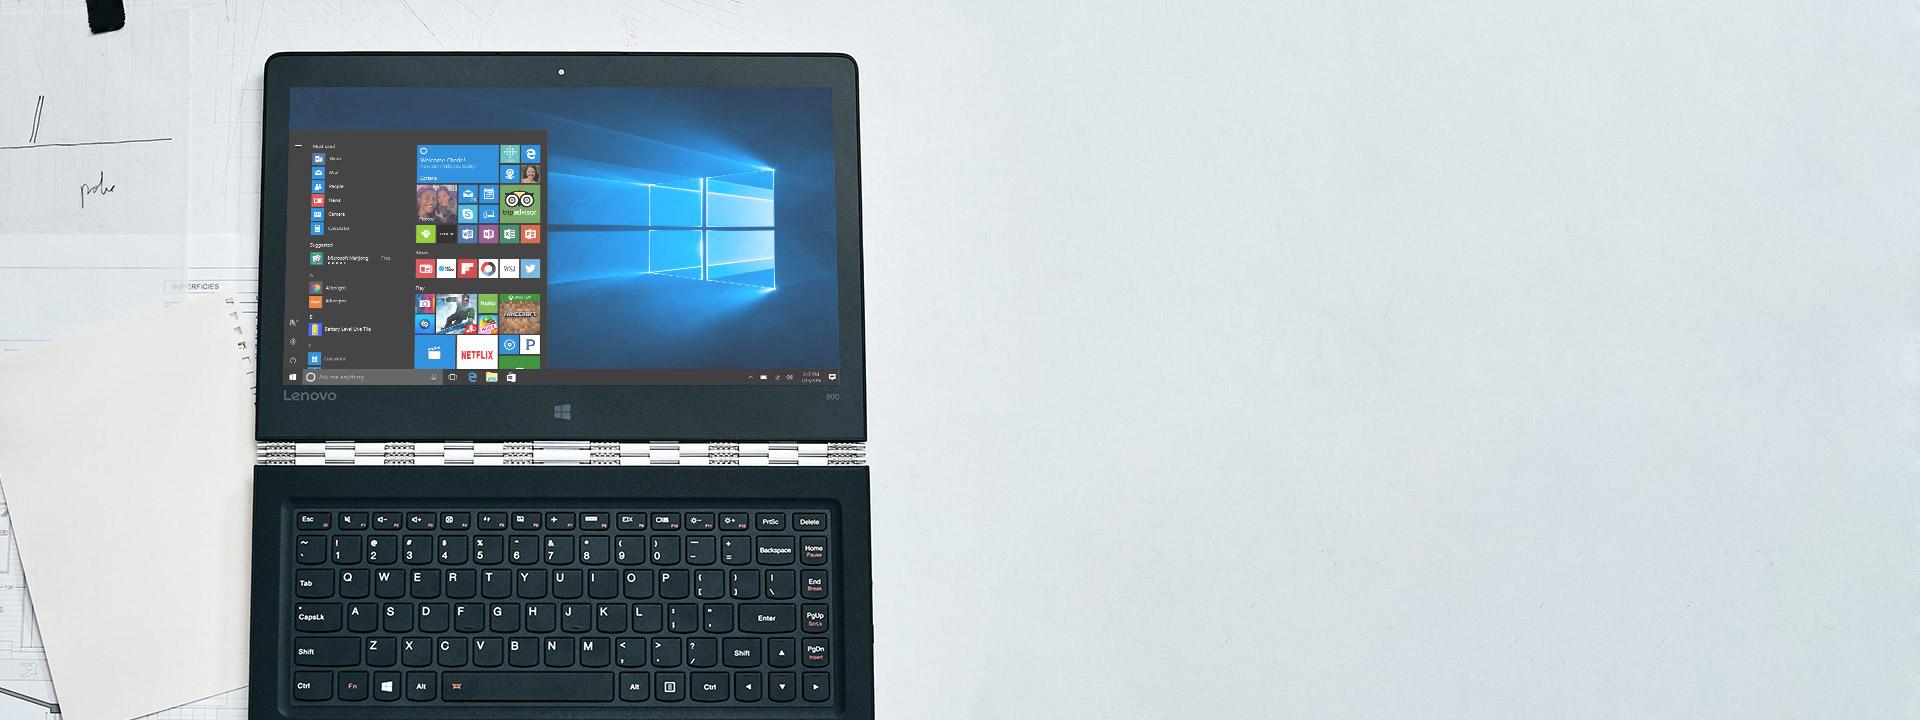 Funktioner i Jubilæumsopdatering til Windows 10   Se nyhederne   Microsoft